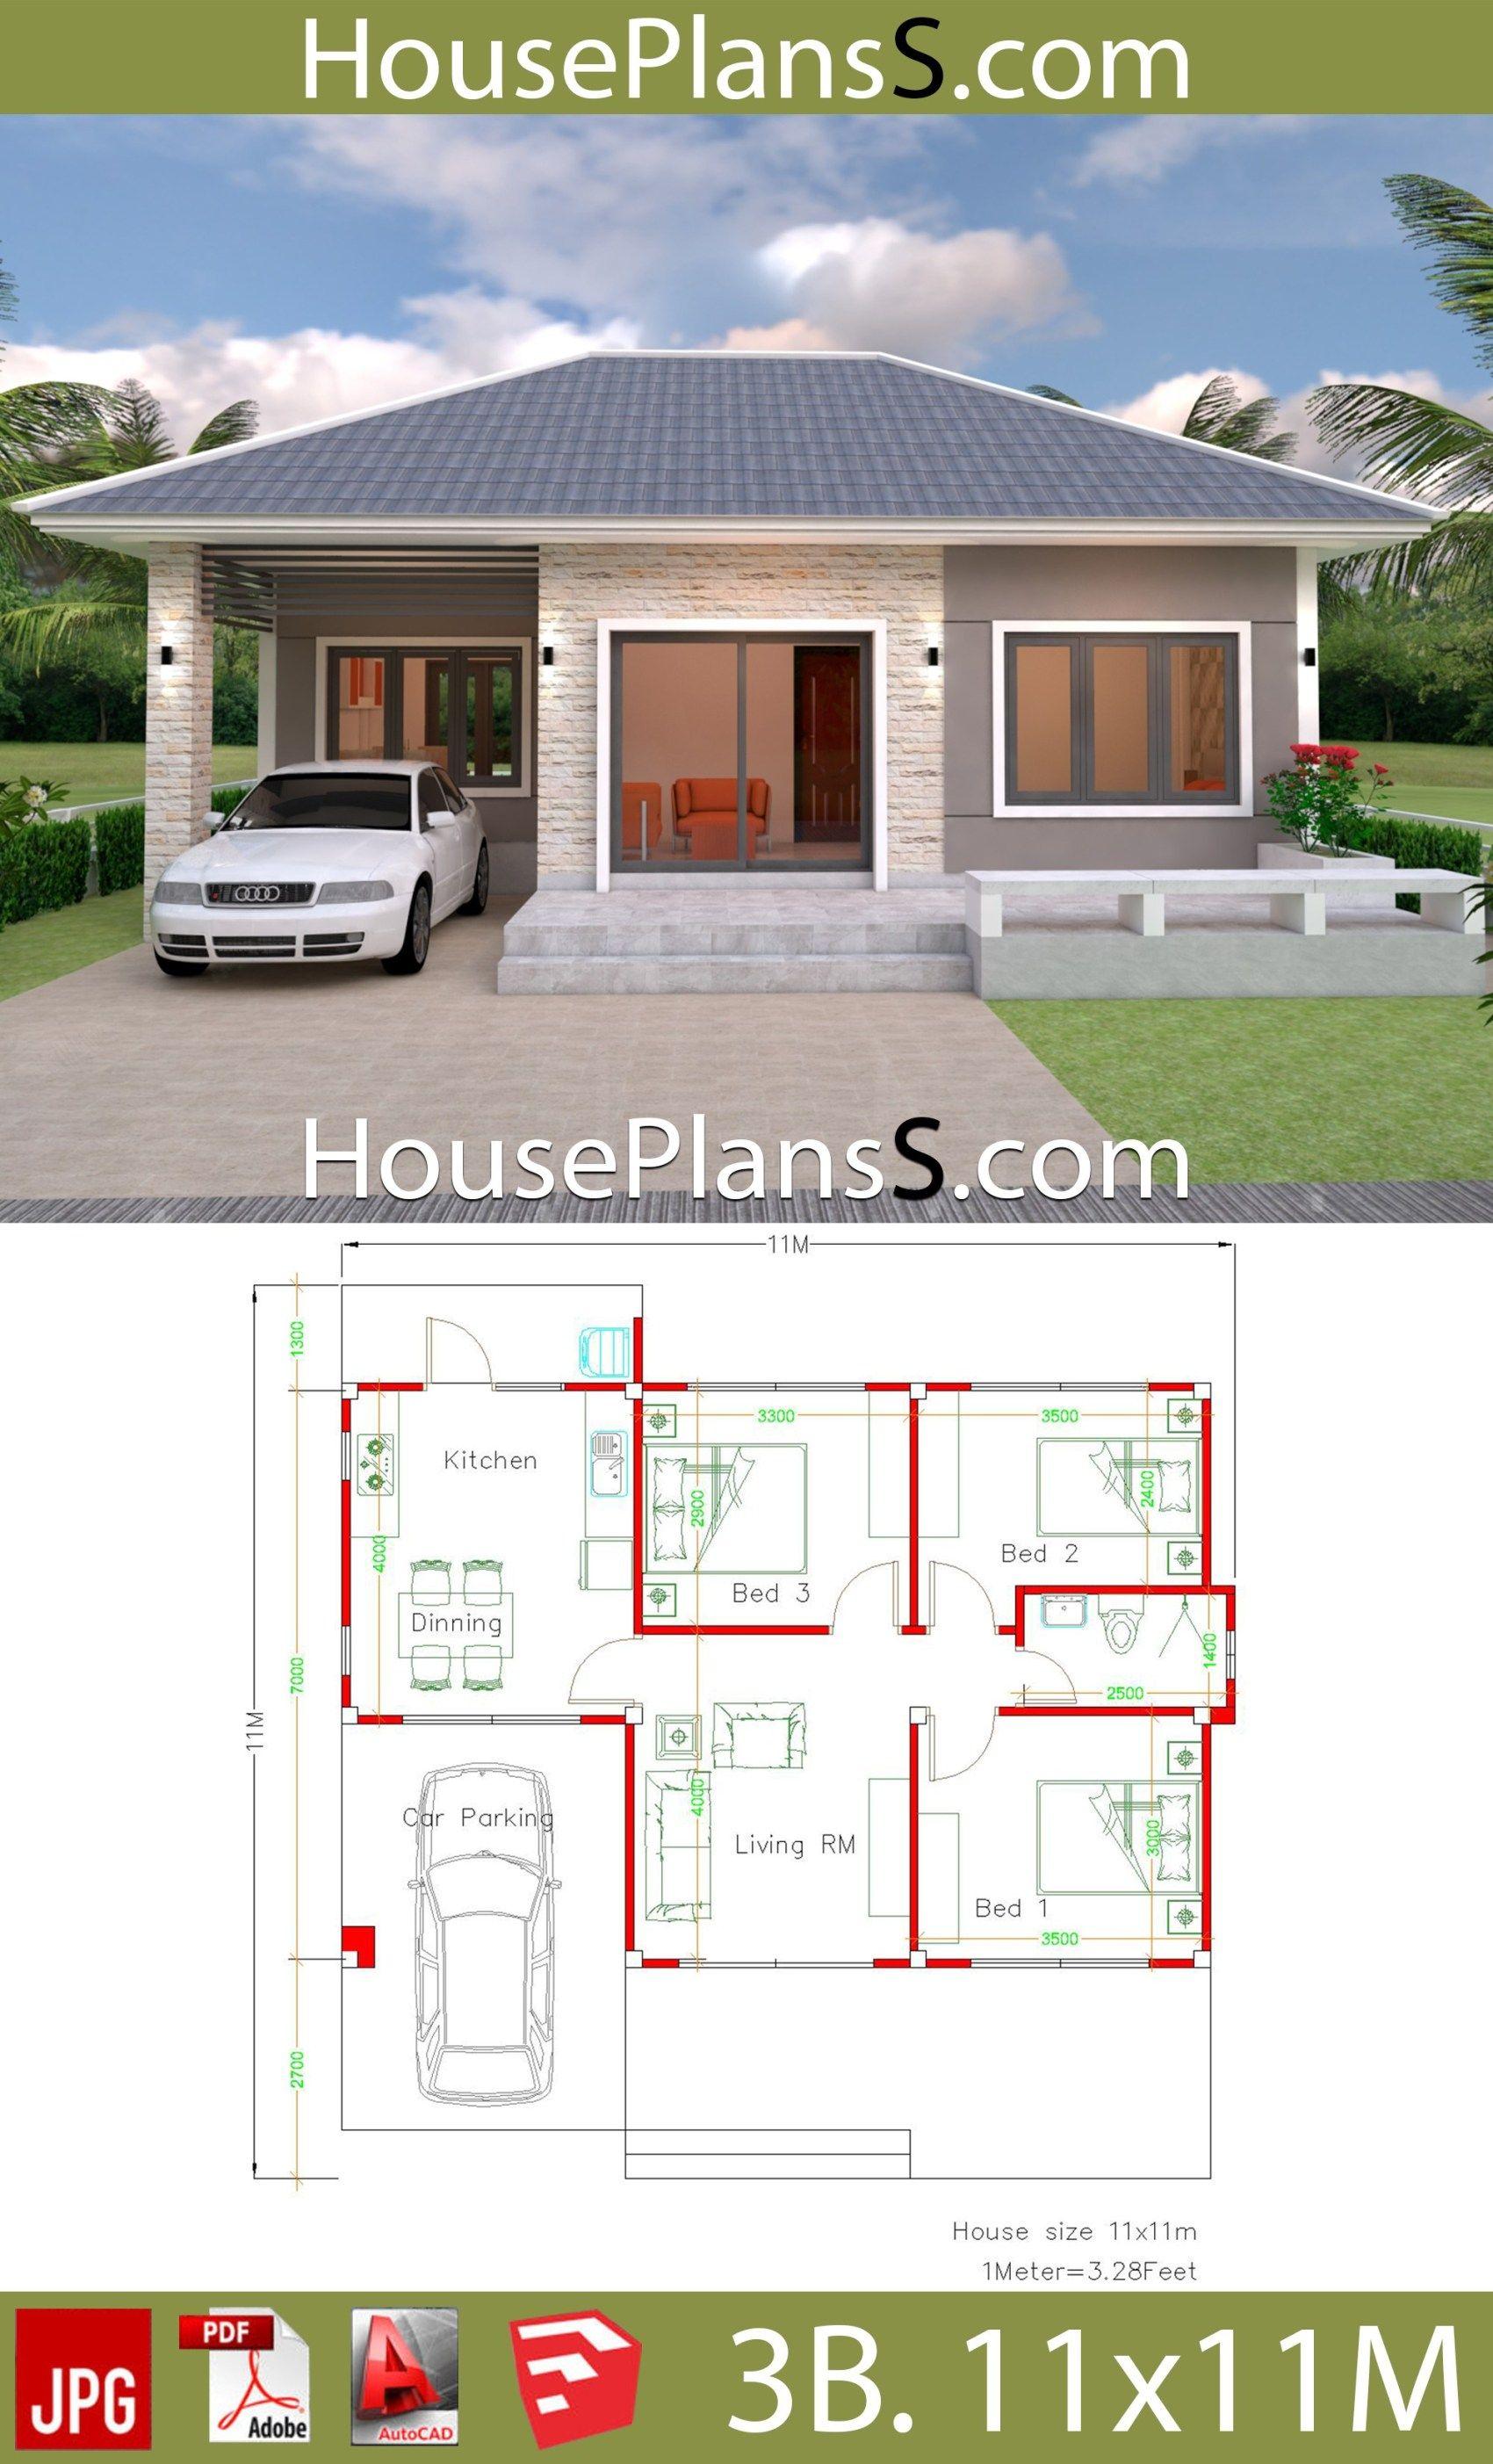 Simple House Design Plans 11x11 With 3 Bedrooms Full Plans Con Imagenes Planos De Casas Medidas Planos De Casas Sencillas